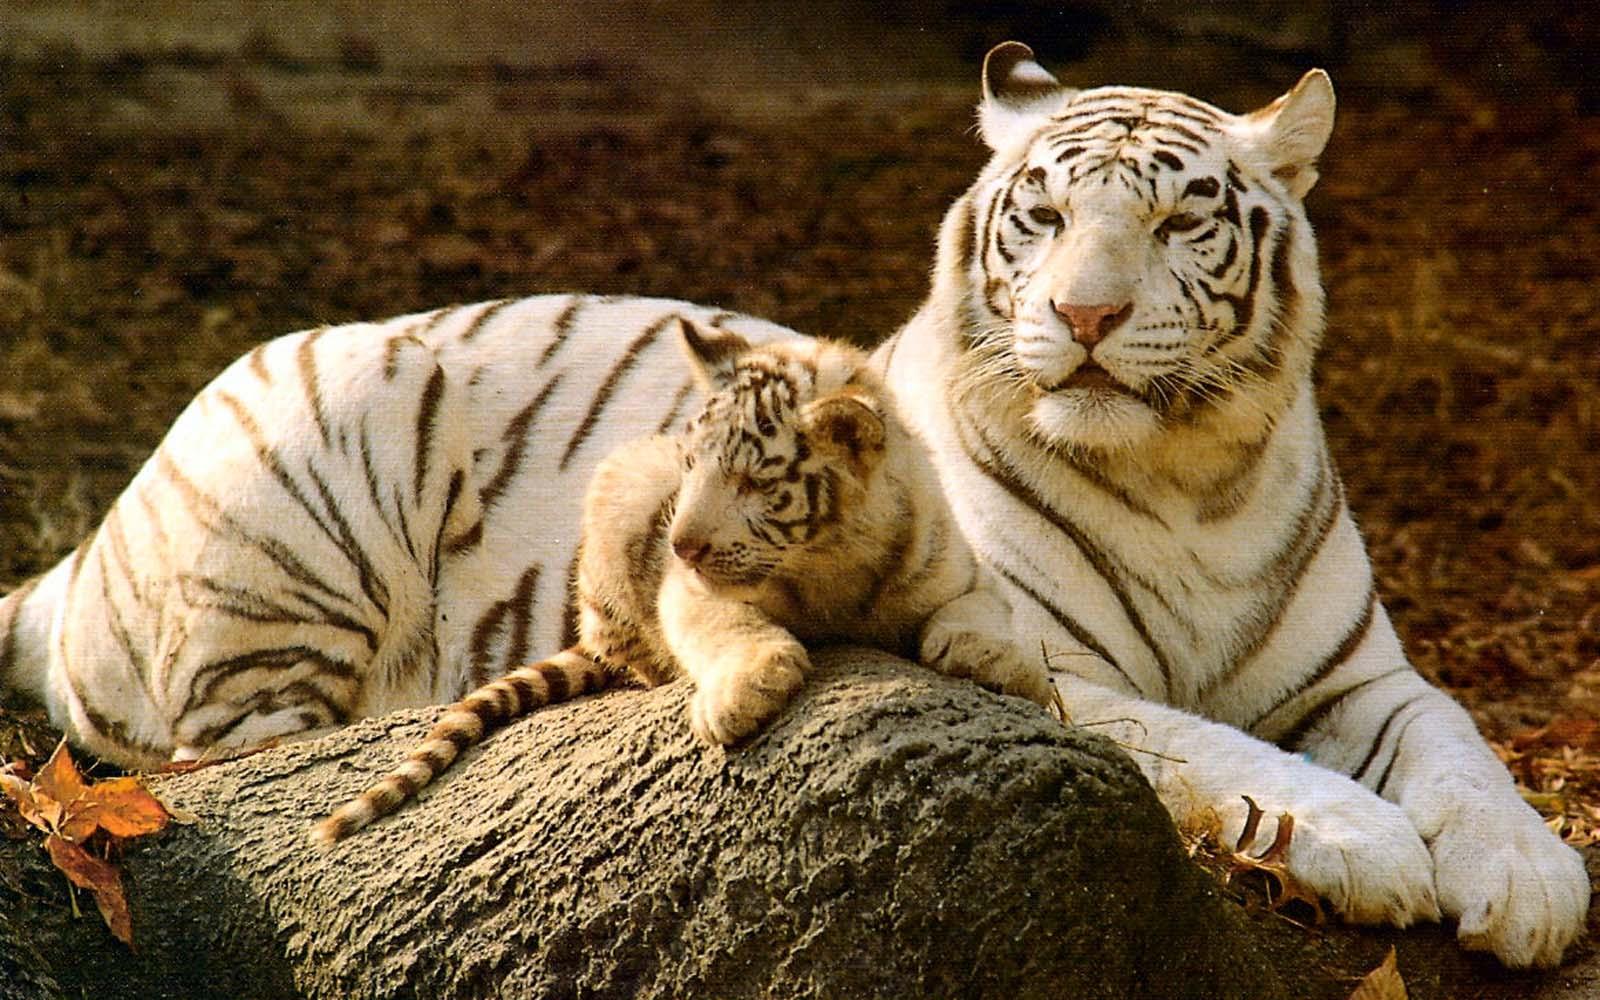 tiger photos hd download